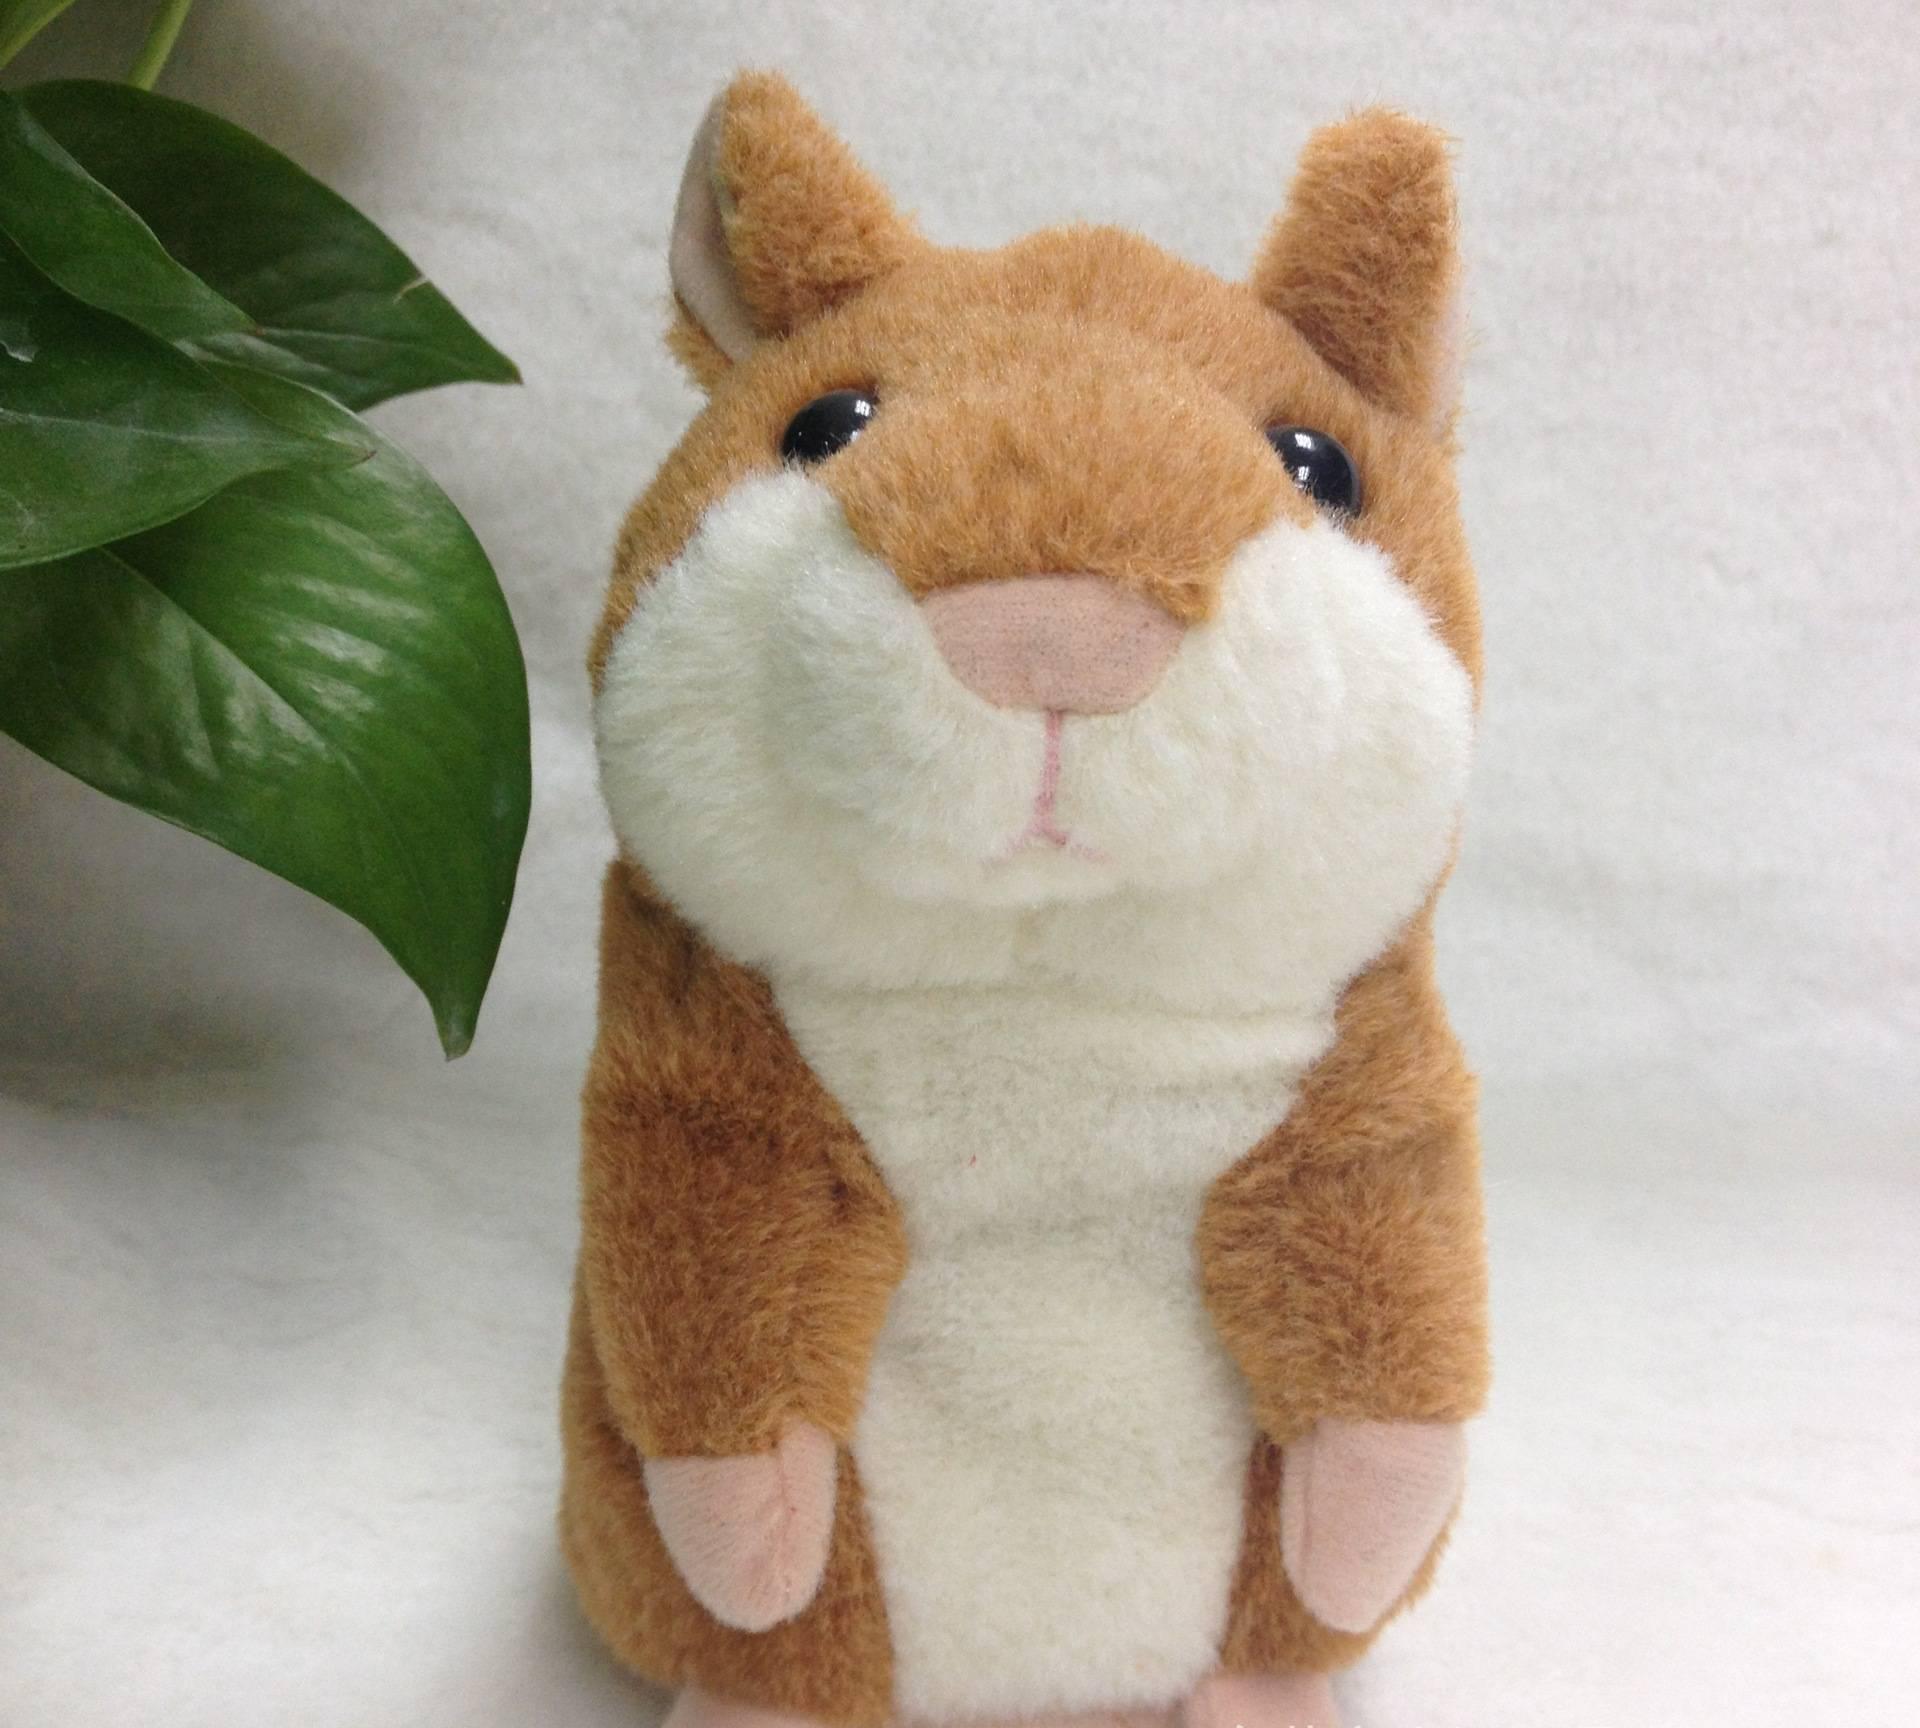 动物造型毛绒宠物鼠 舒适宠物周边用品毛绒鼠 可爱毛绒仓鼠玩具